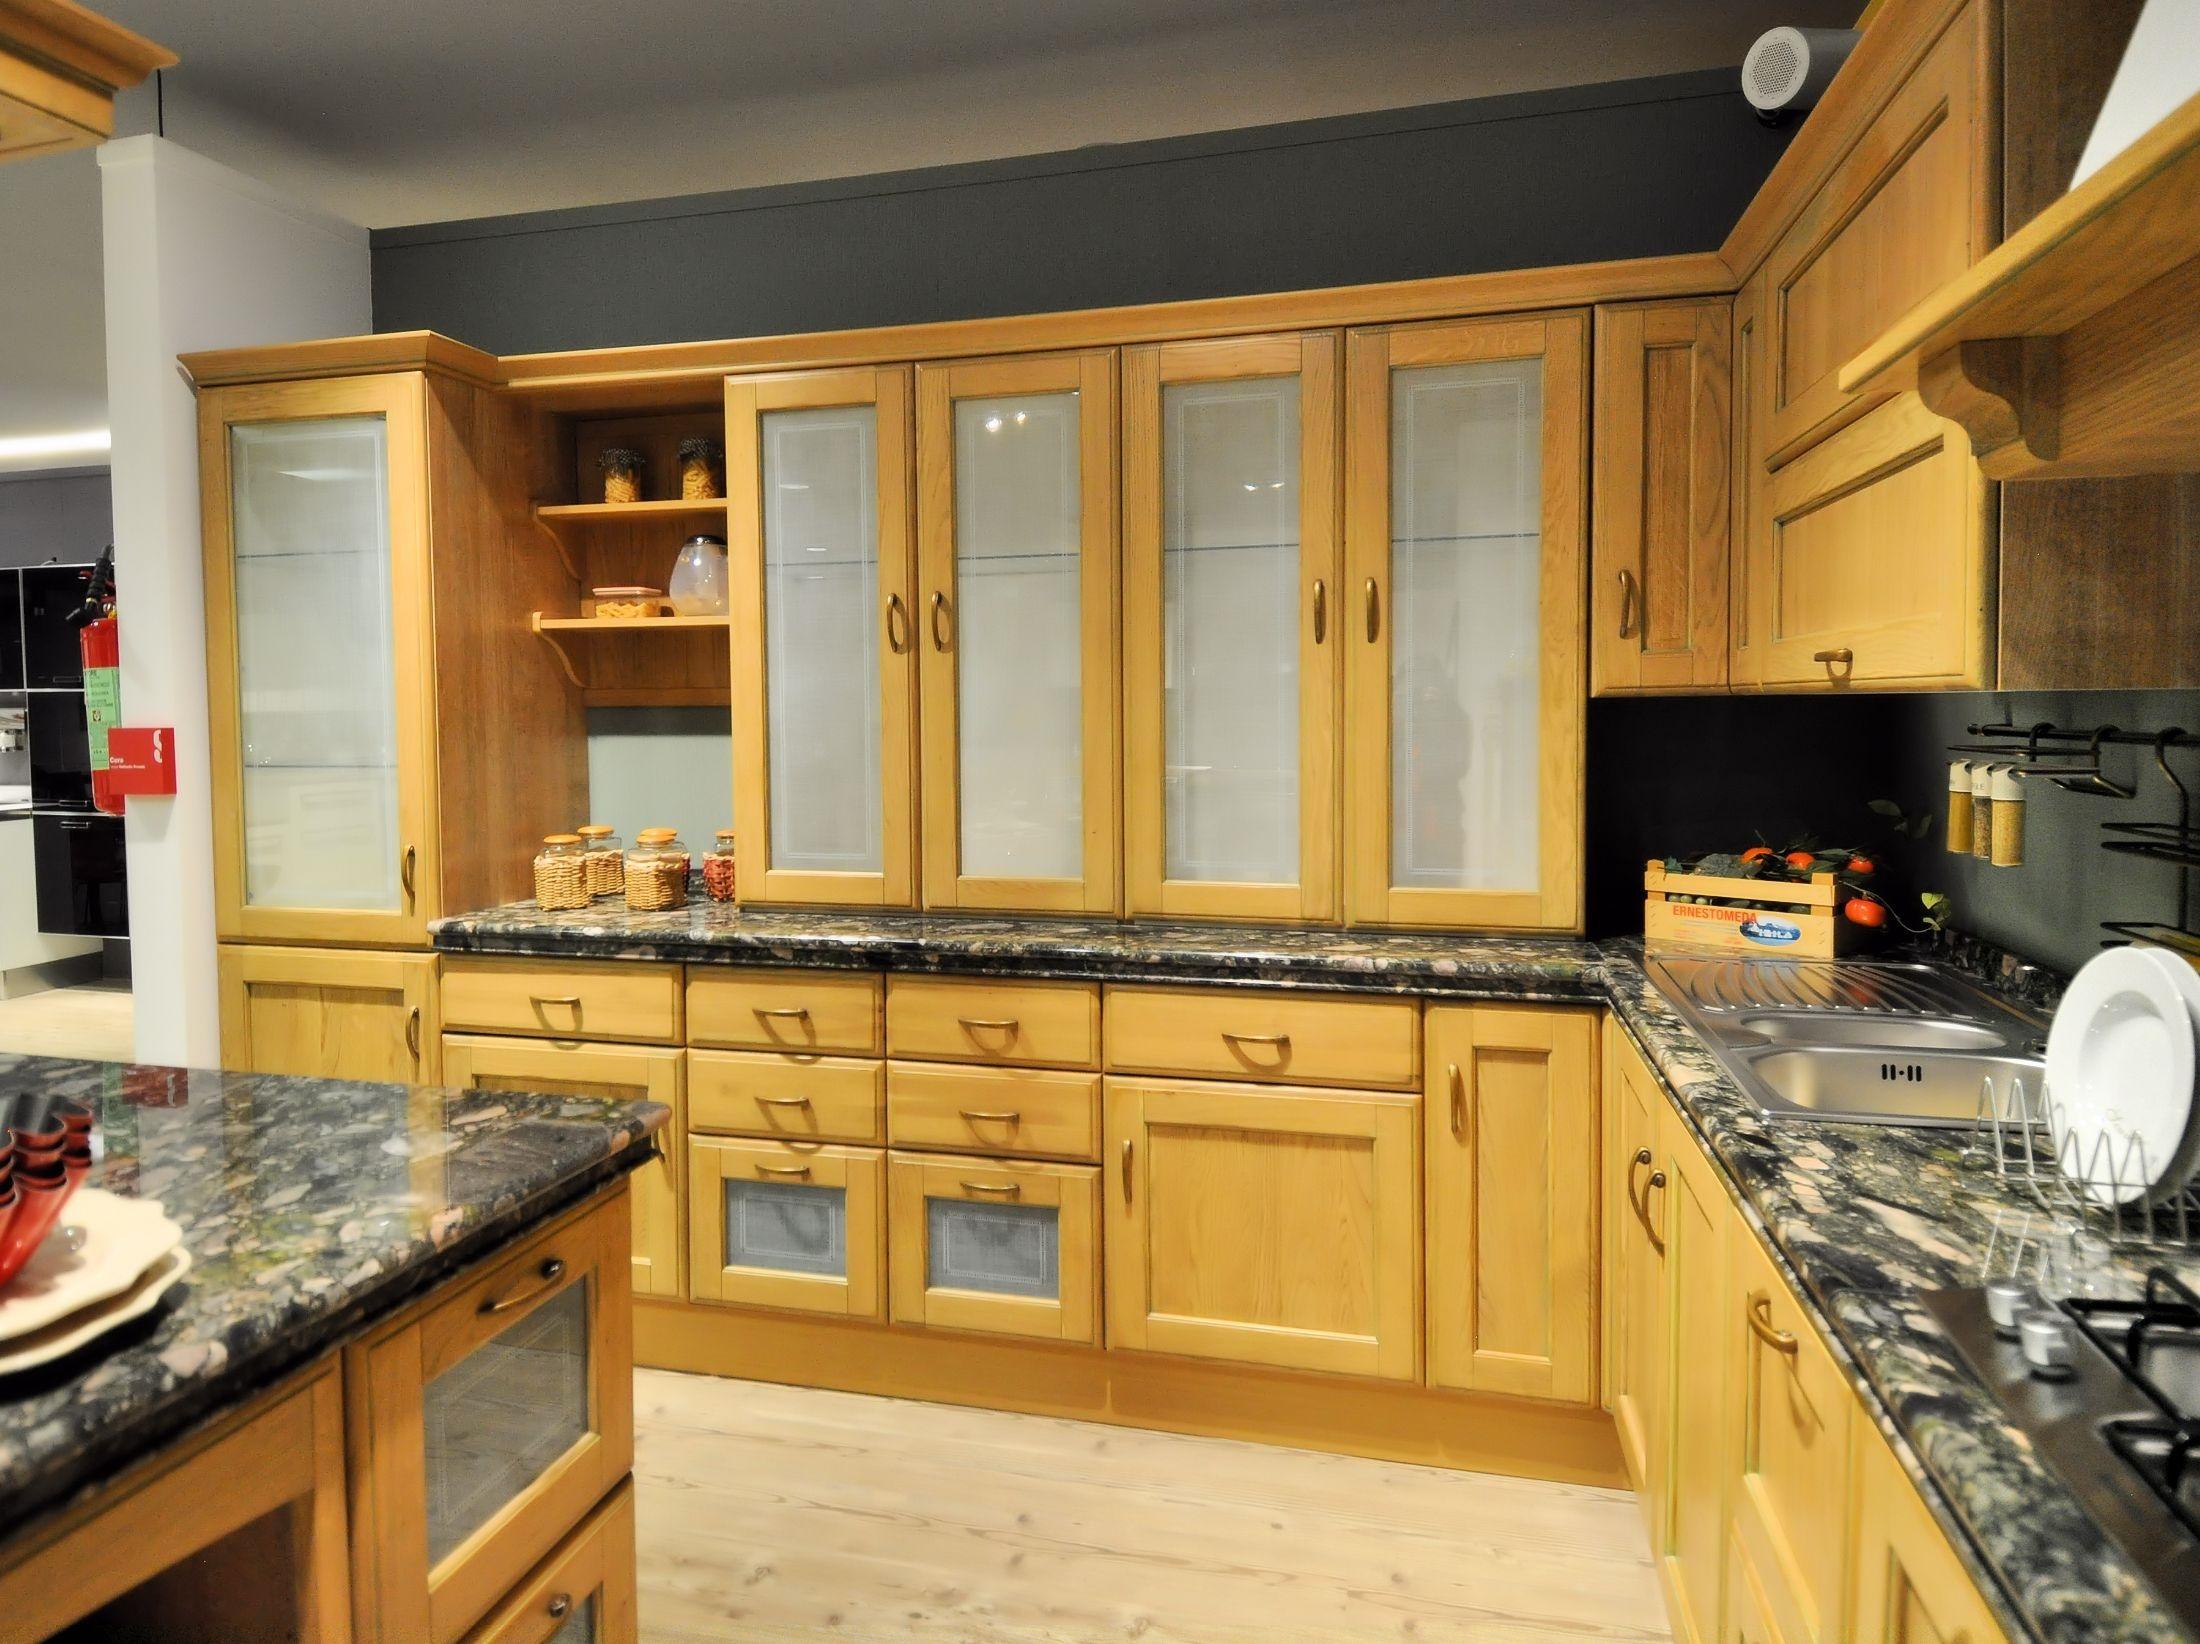 Cucina belvedere scavolini prezzo cucine scavolini prezzi cucine scavolini home happening - Scavolini cucine prezzo ...